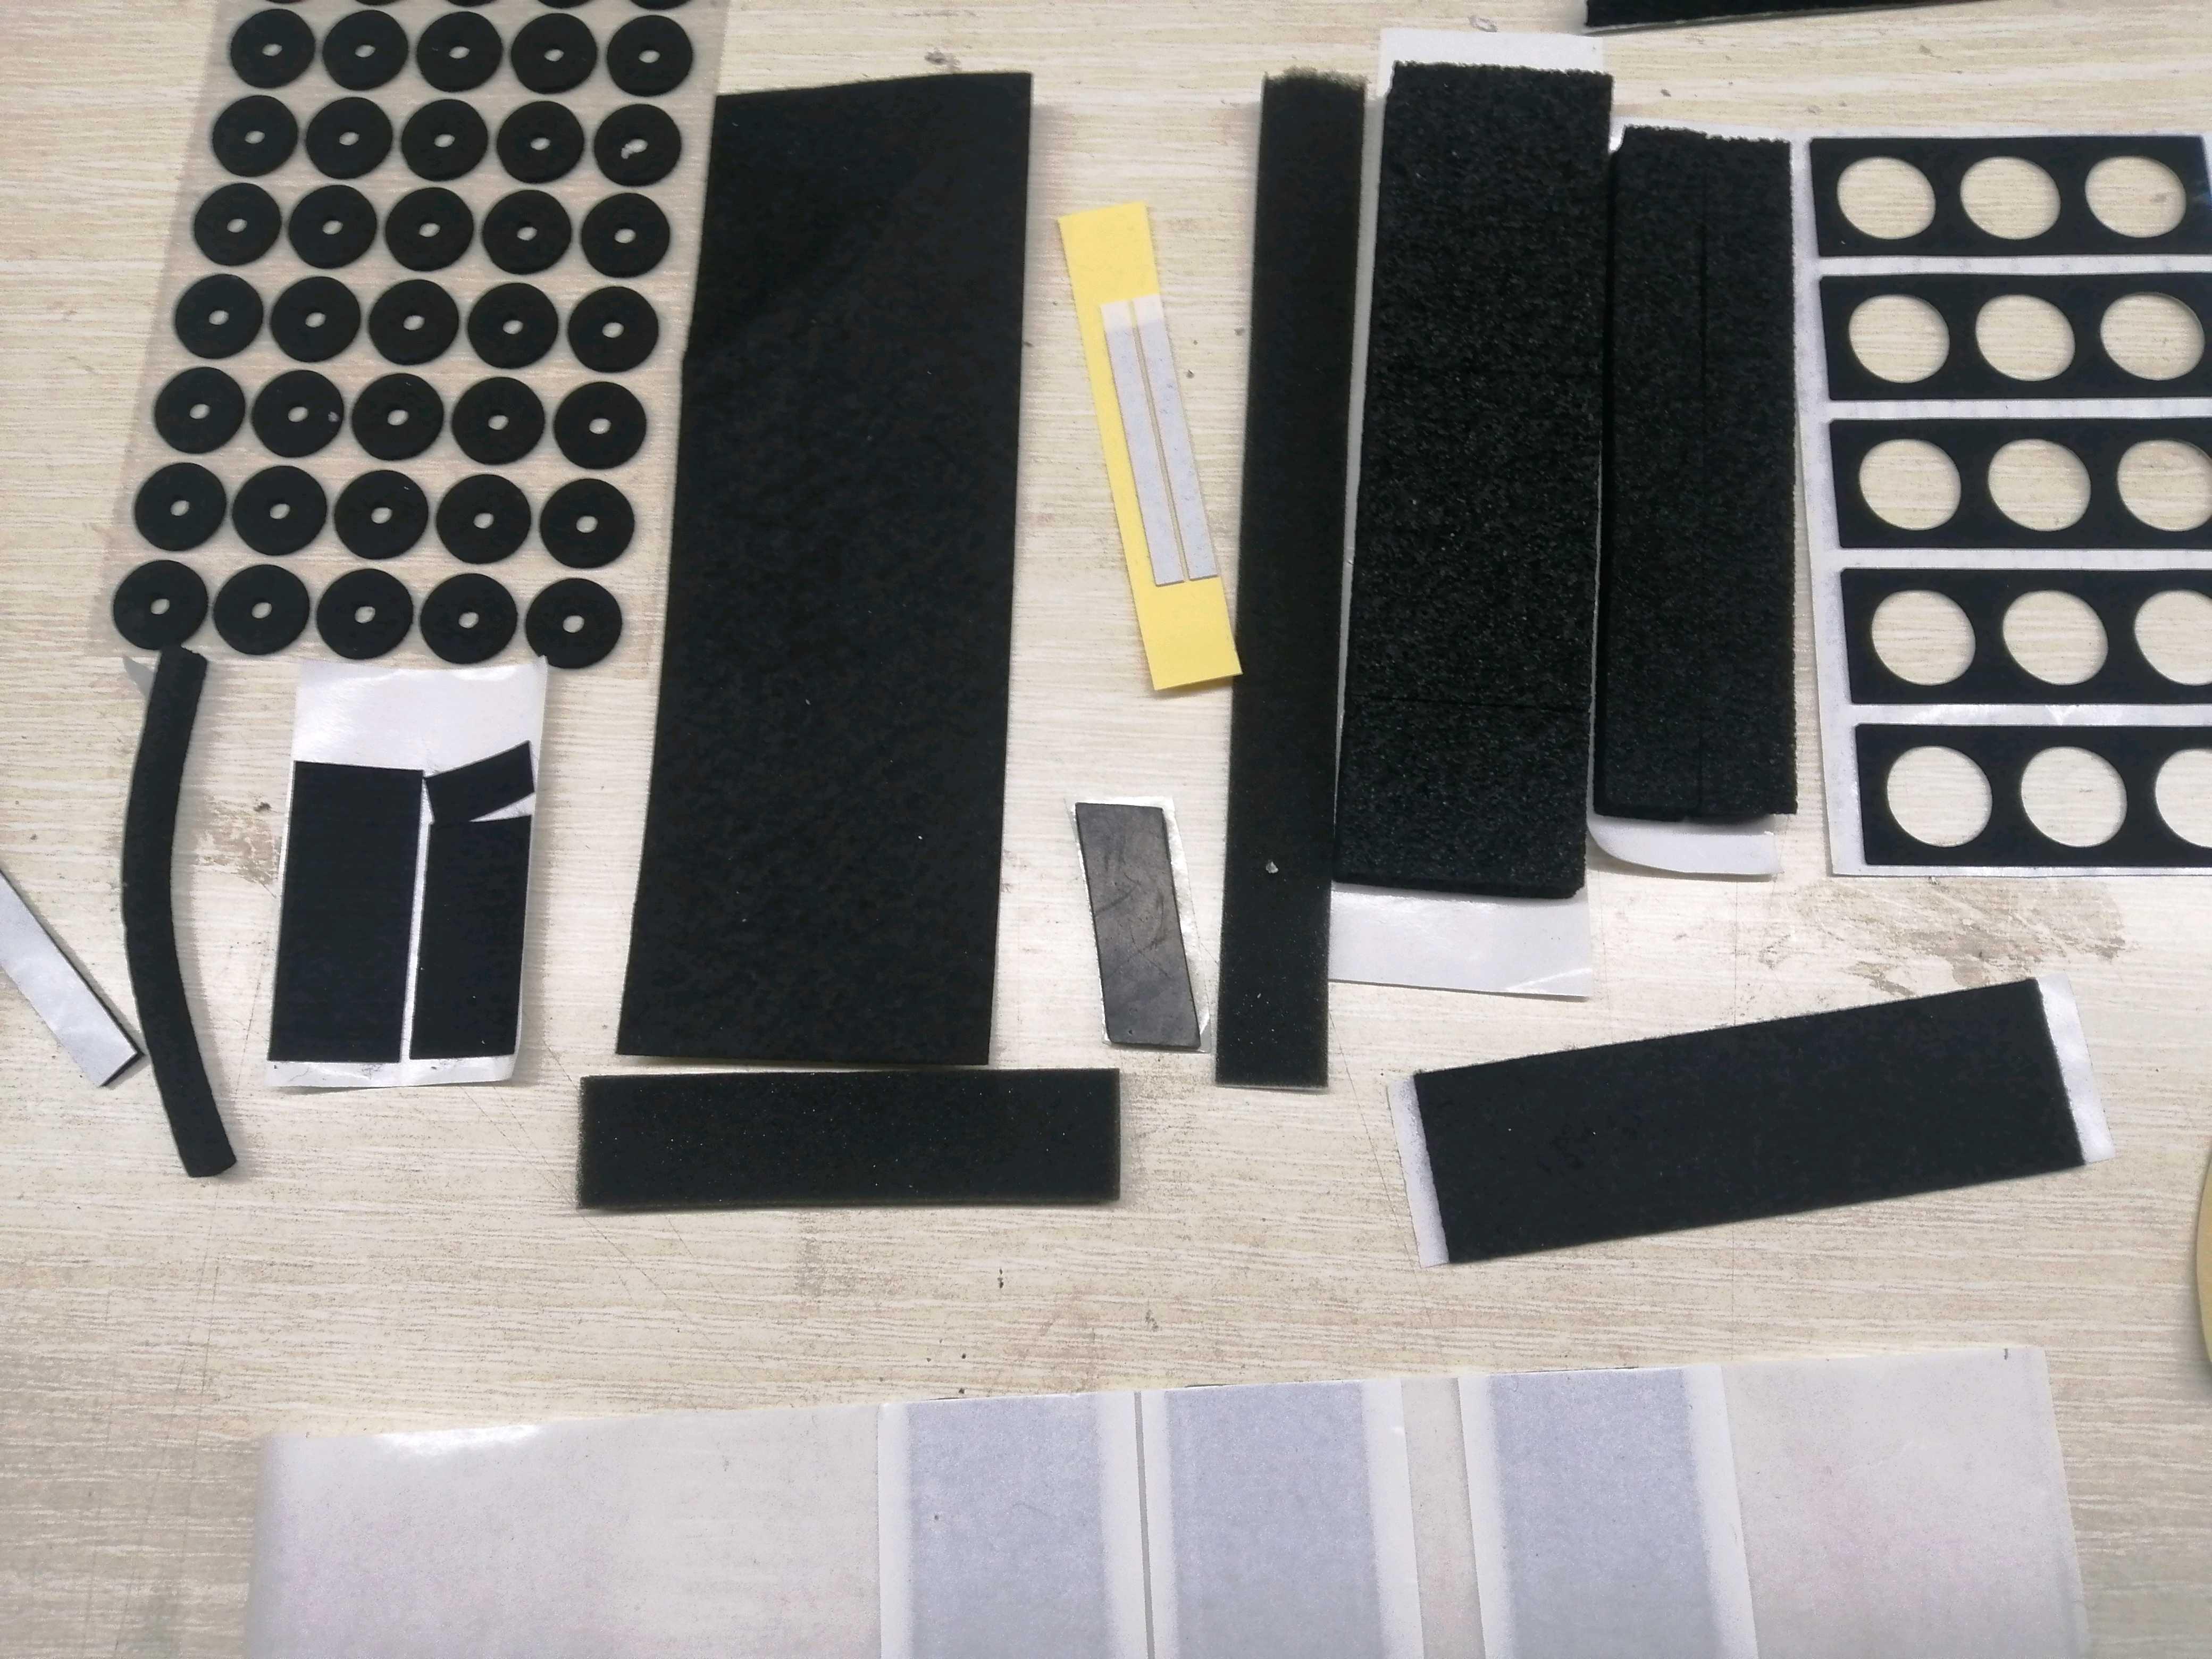 我公司主要生产各种泡棉及防水胶带等